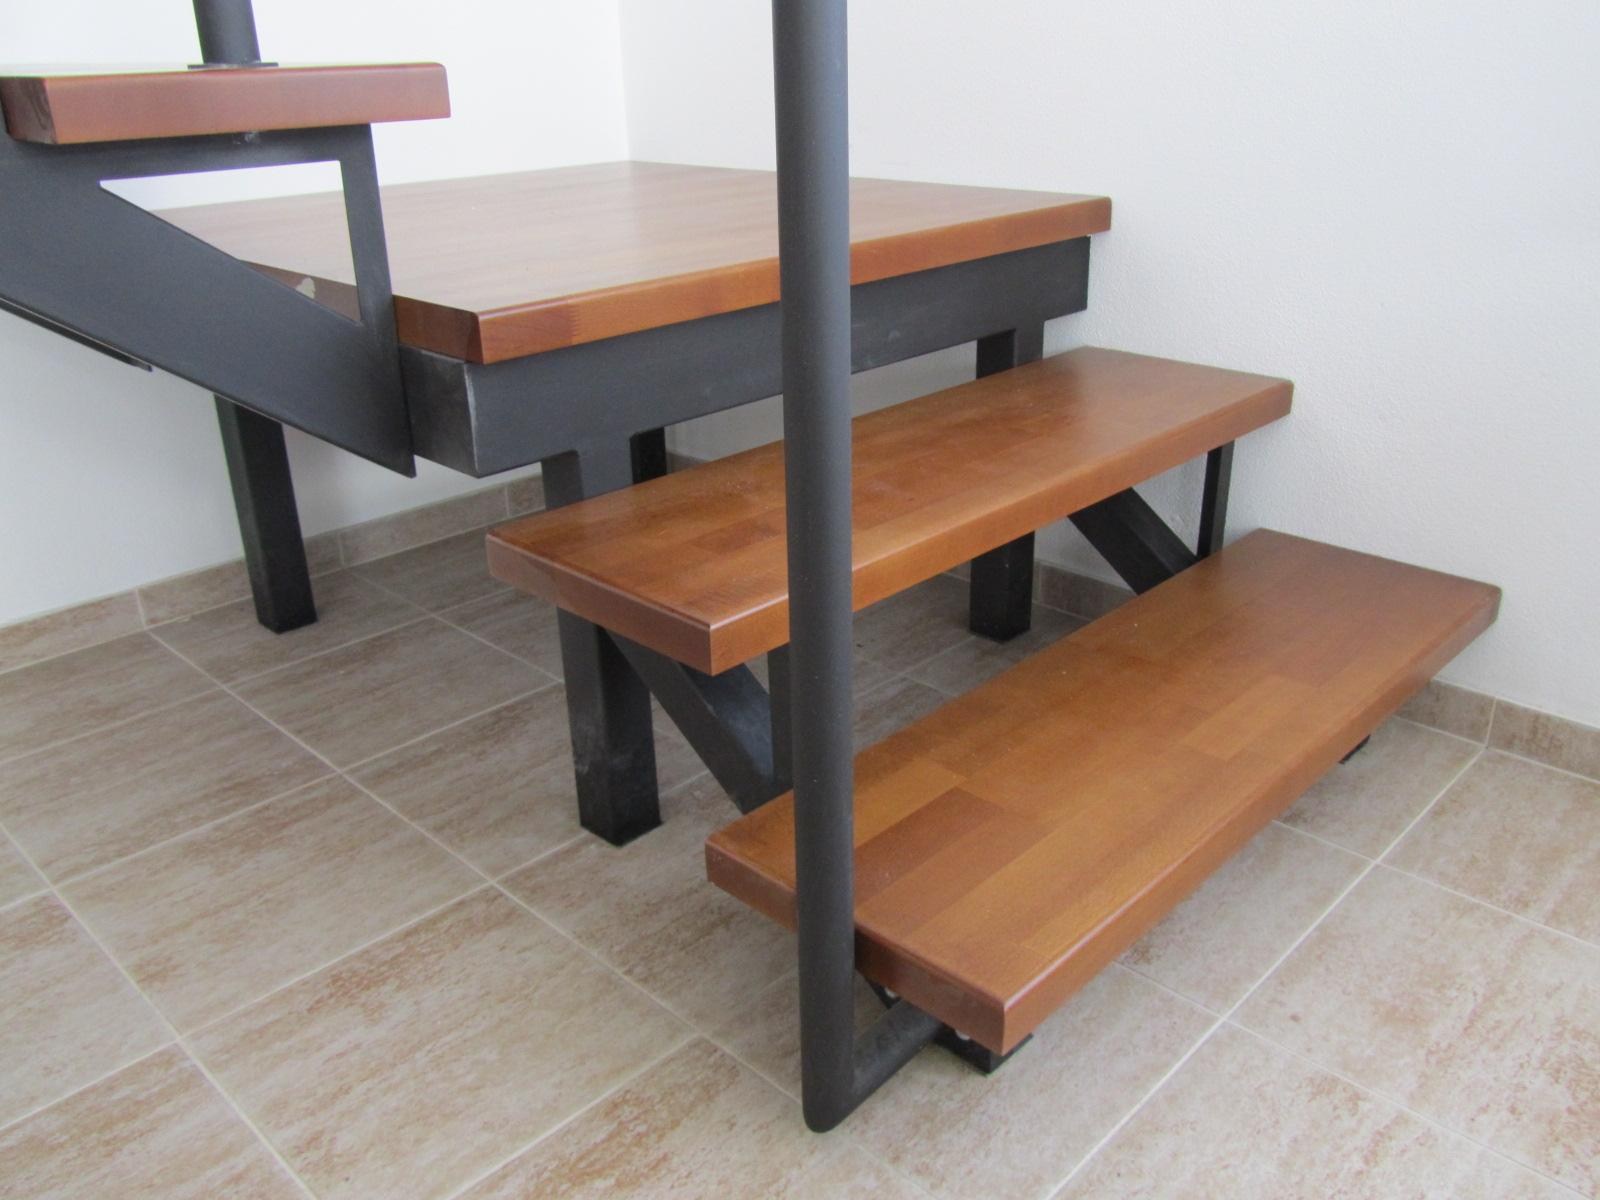 Naše schodisko - Obrázok č. 1